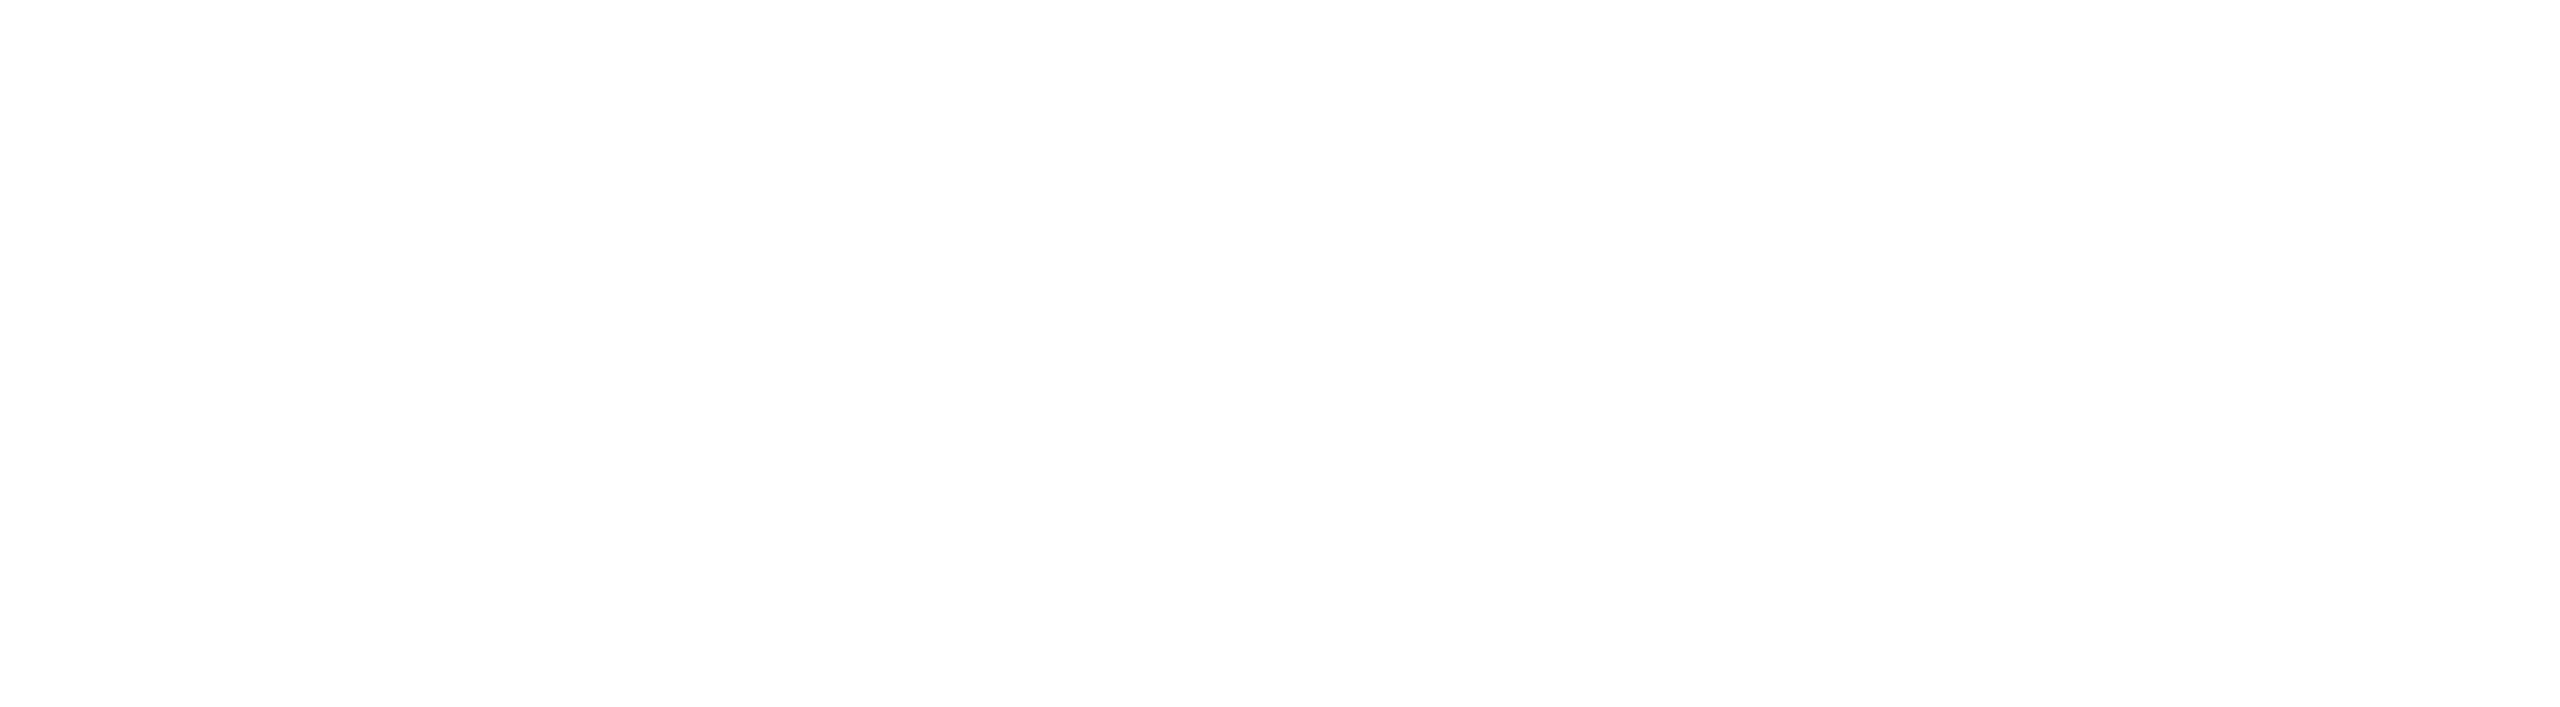 HeaderLacrosse